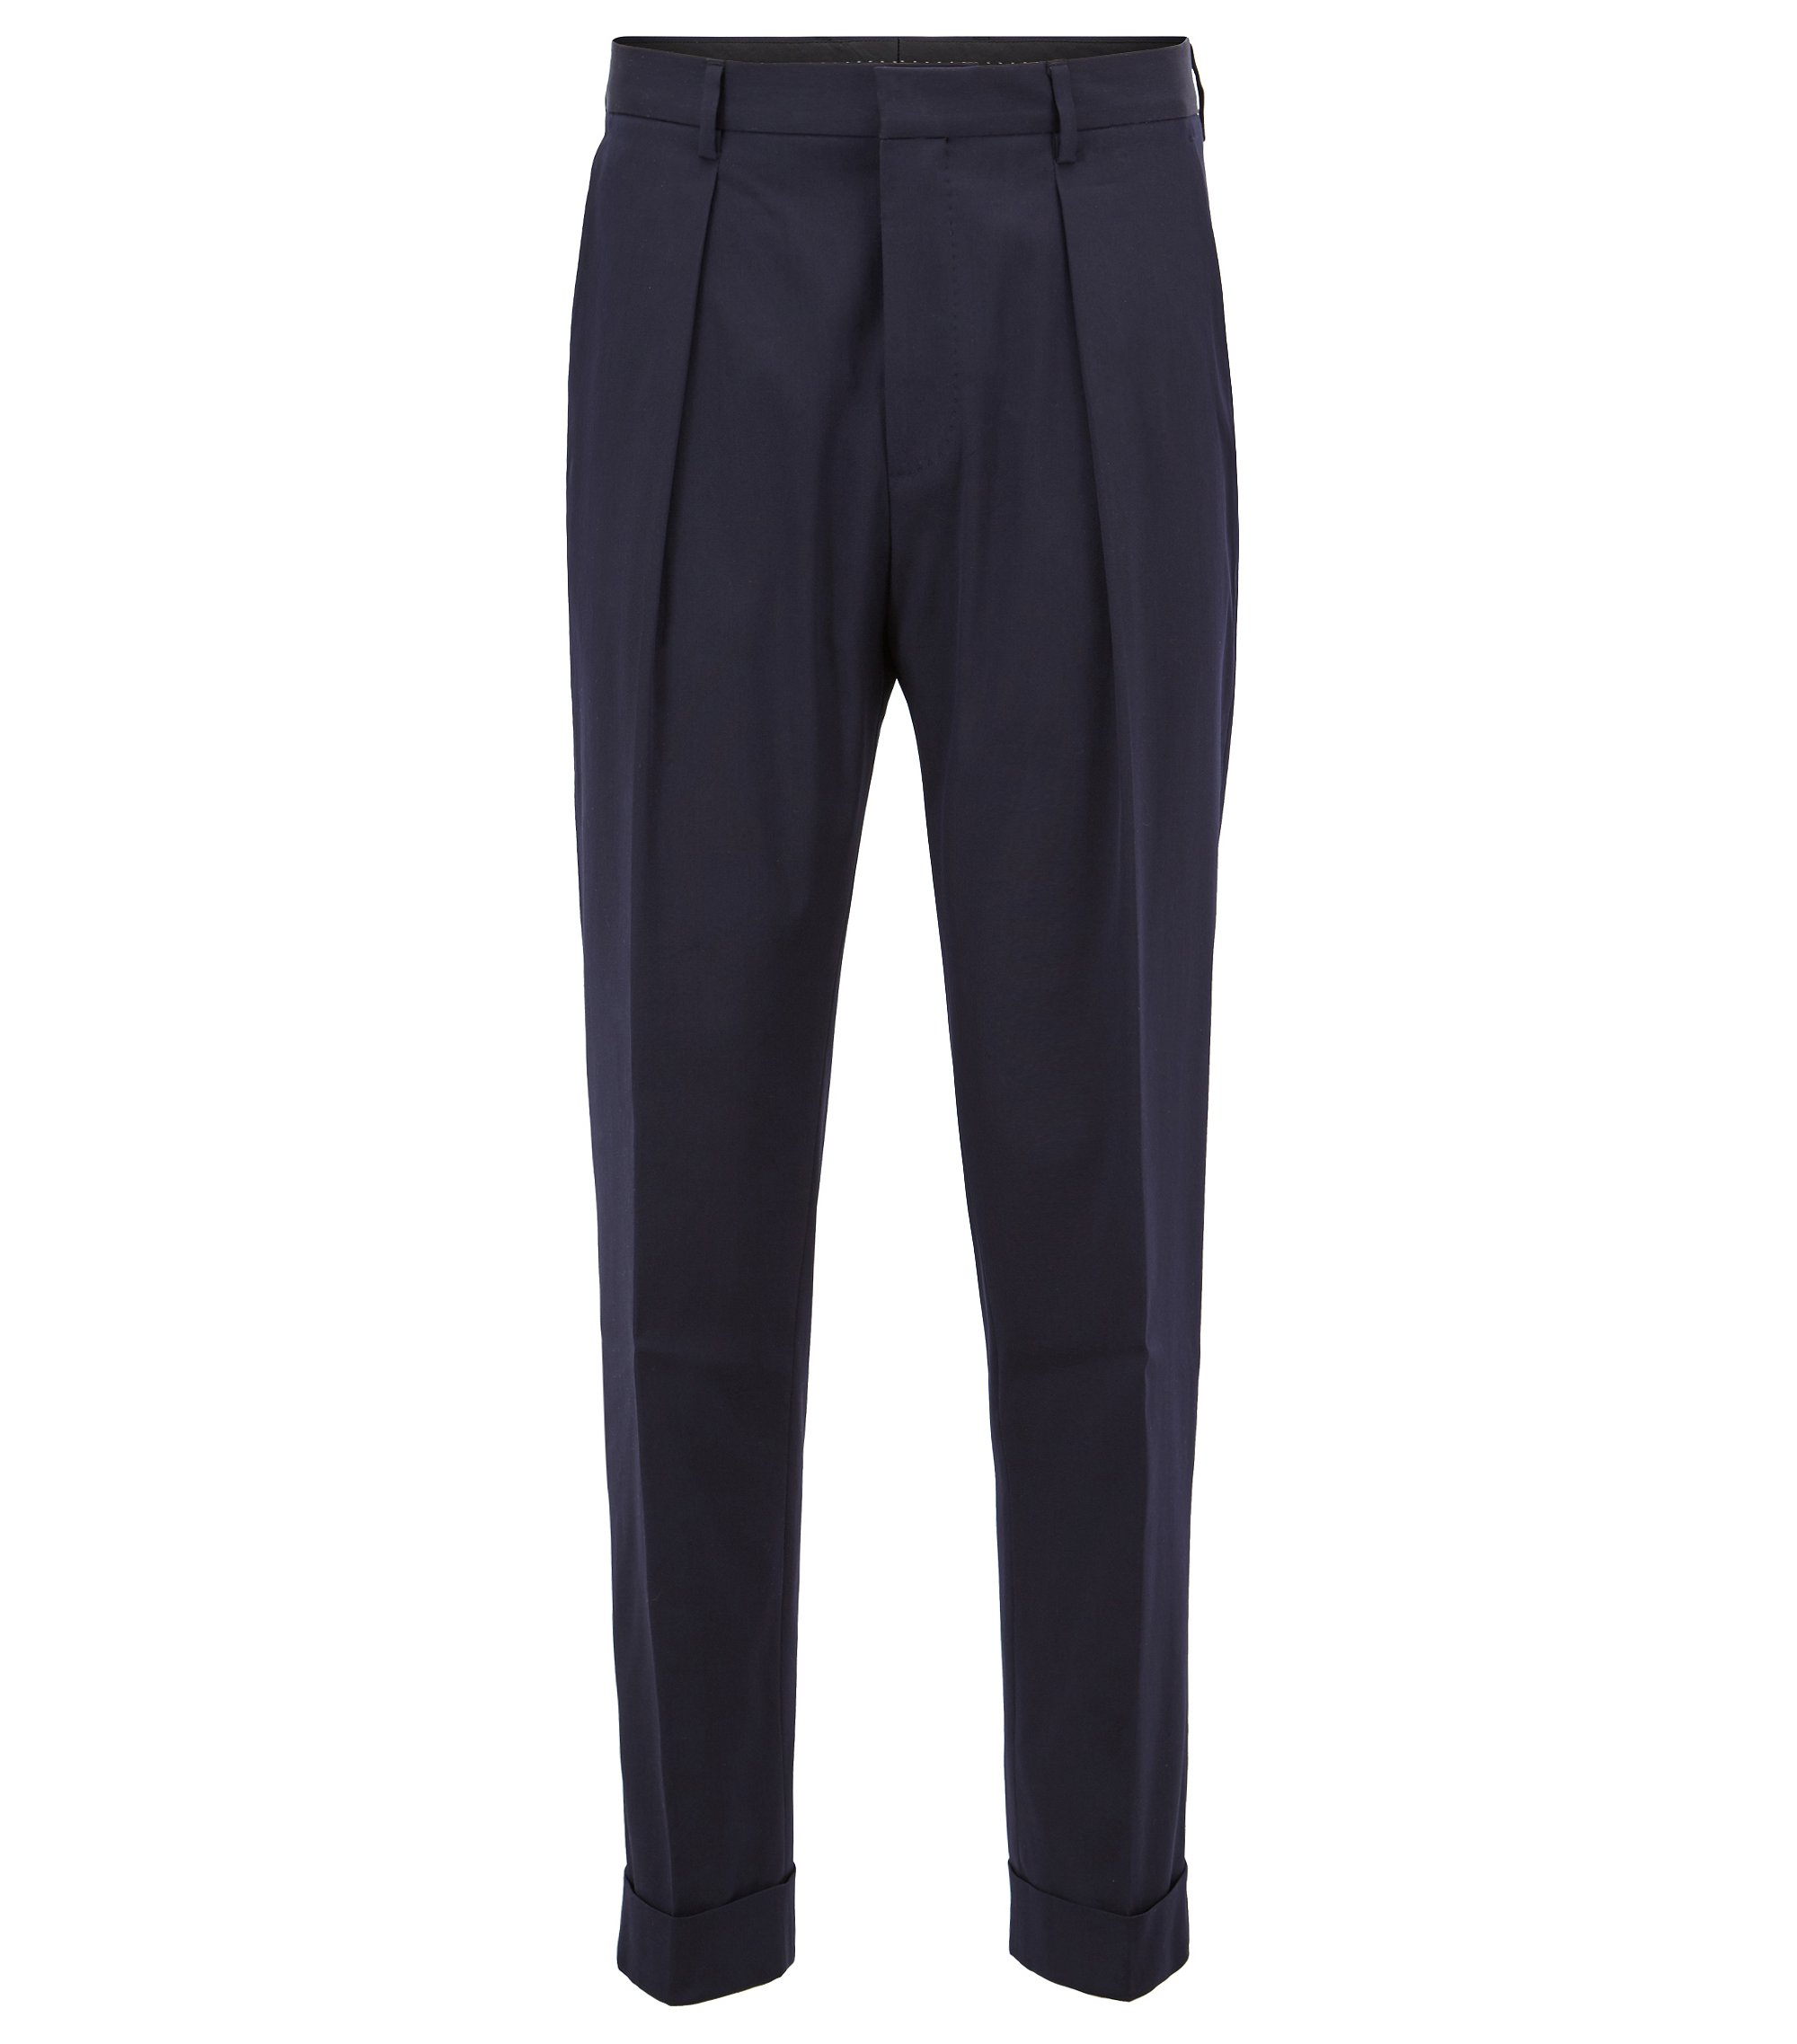 Pantalones tobilleros en algodón elástico con vueltas en los bajos, Azul